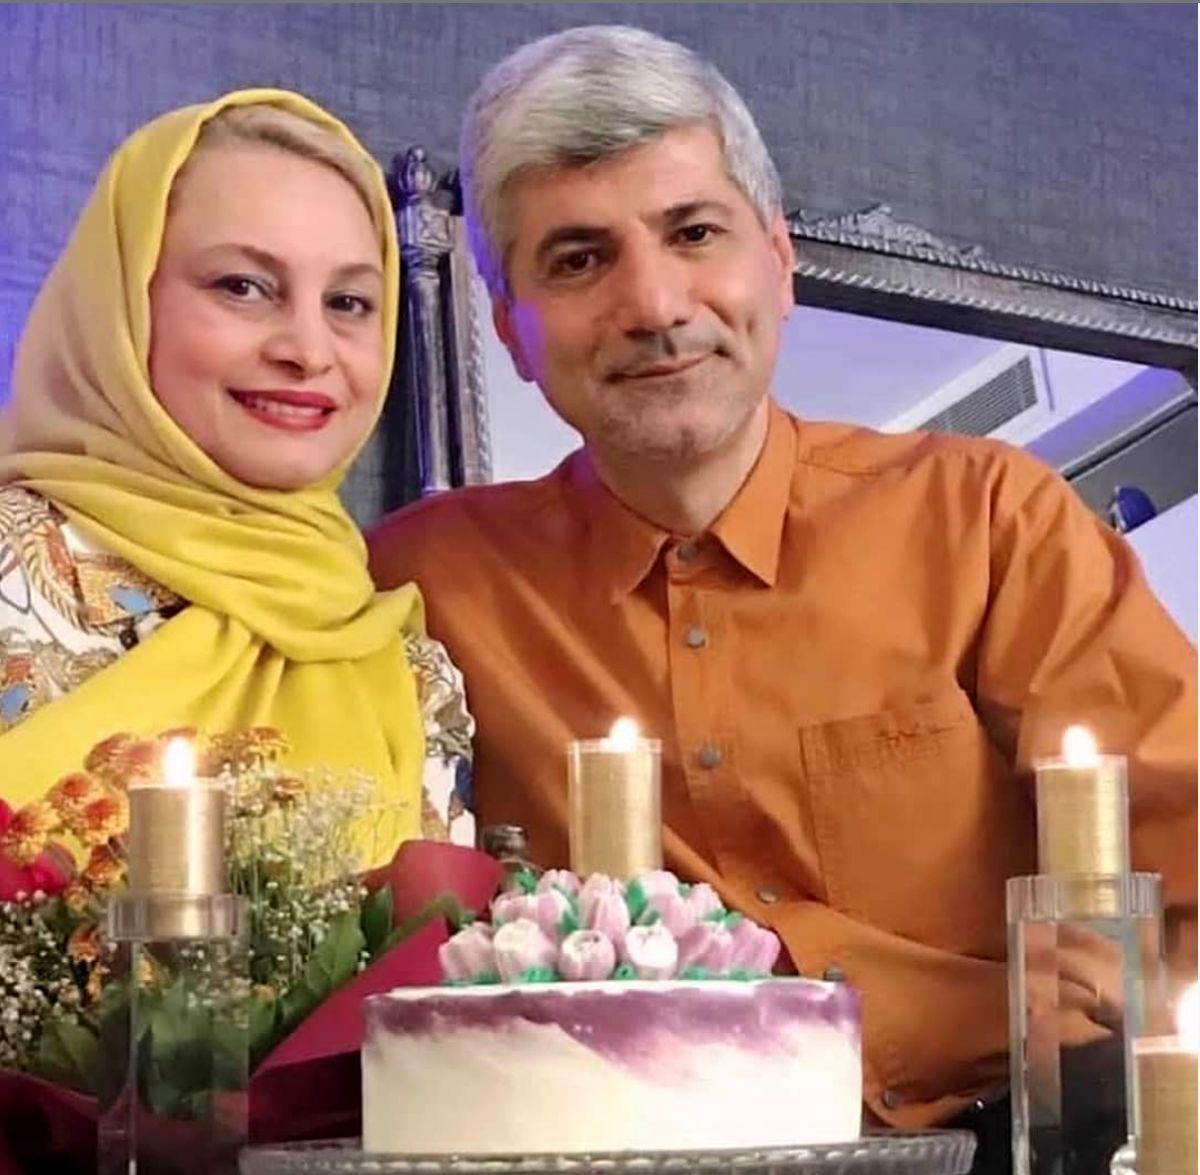 مریم کاویانی و همسر دیپلماتش جدا شدند؟!| خانم و آقا اعتراف کردند!